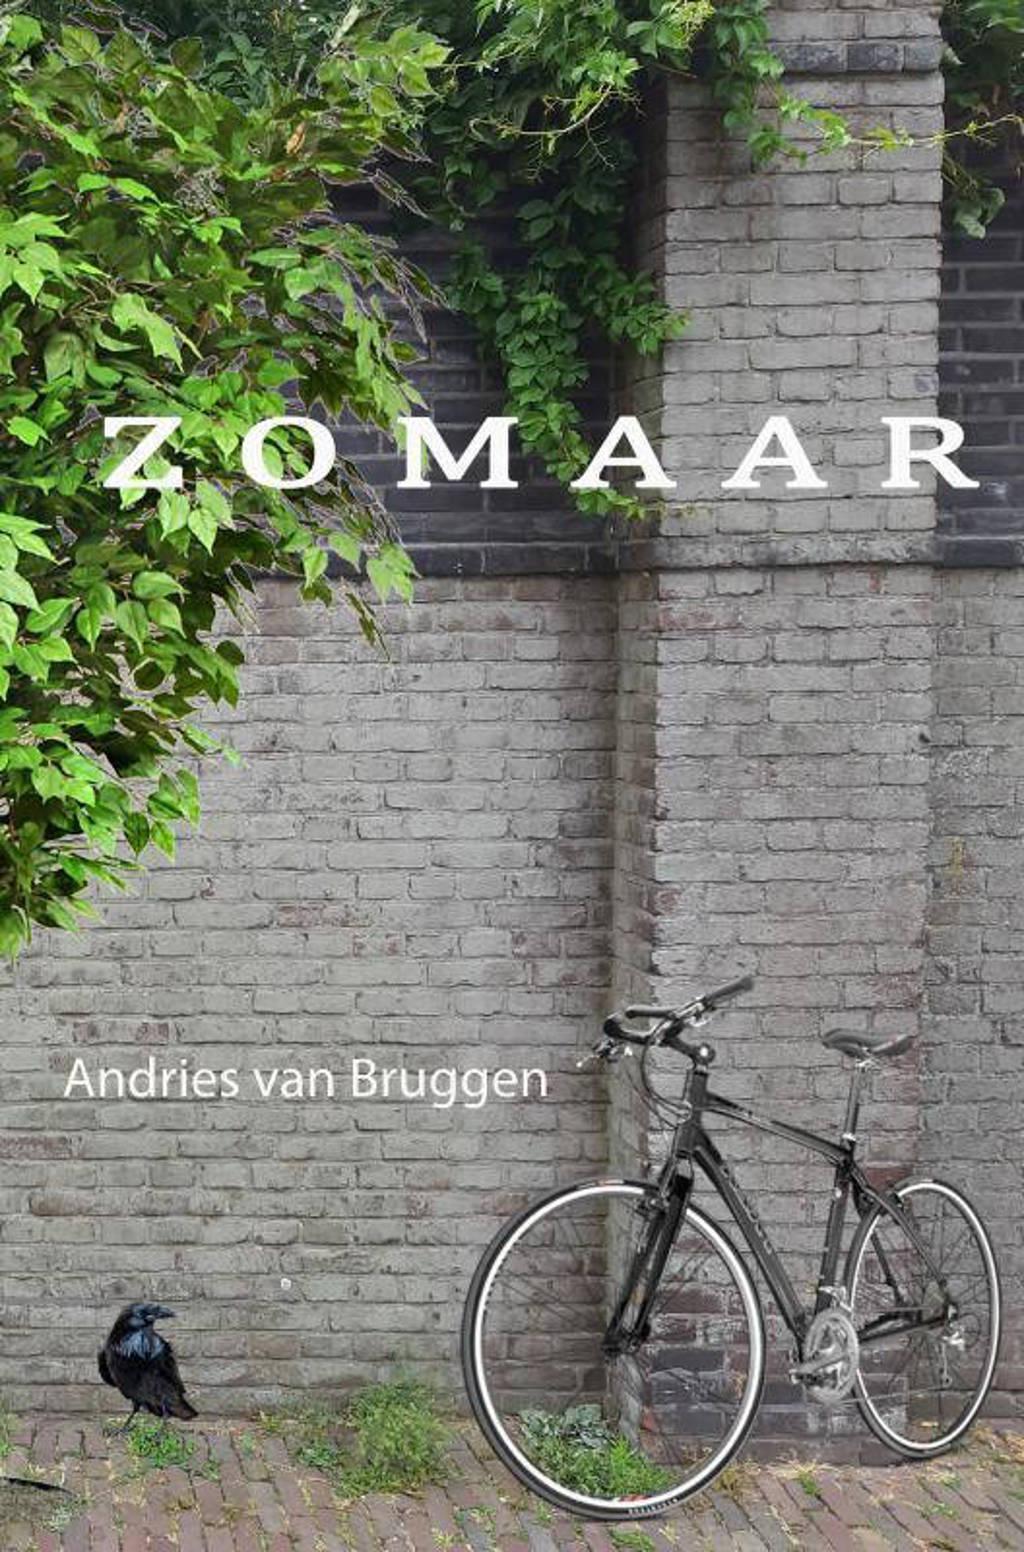 Zomaar - Andries van Bruggen